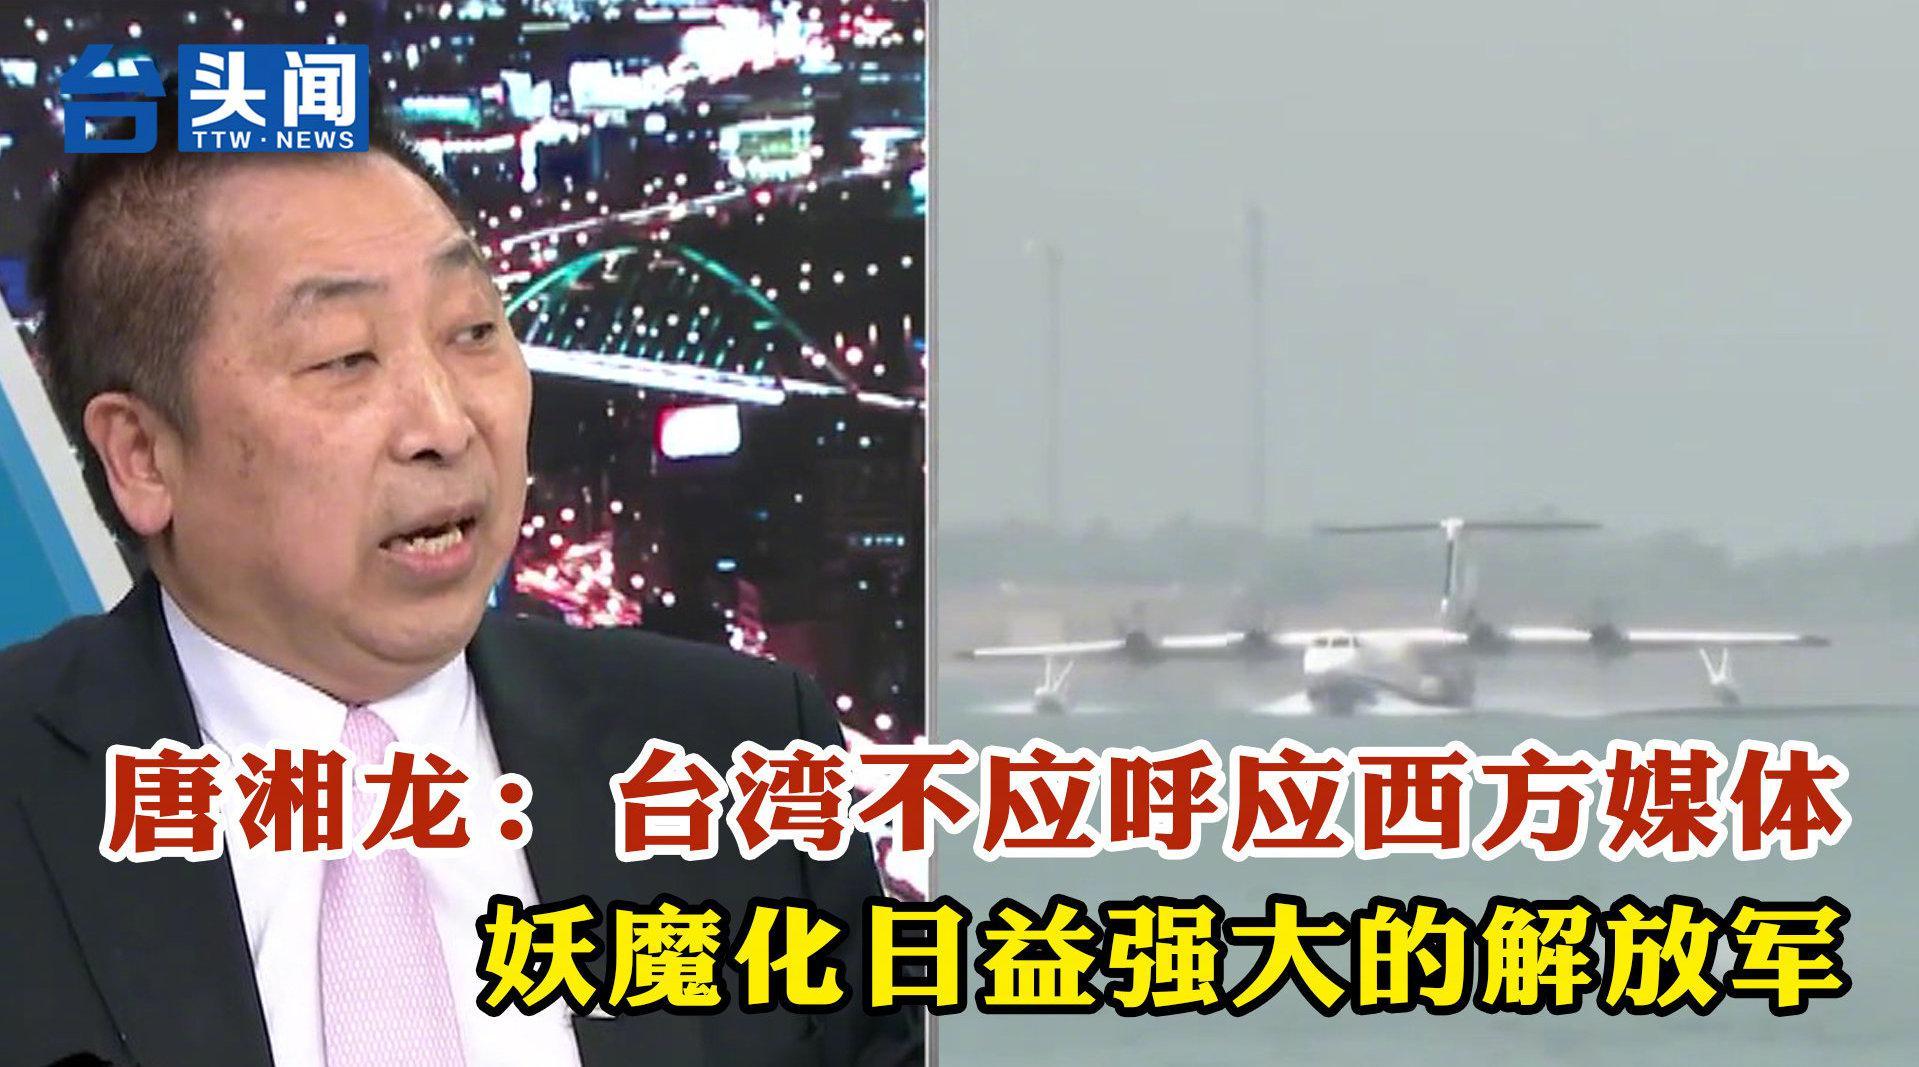 唐湘龙:台湾不应呼应西方媒体 妖魔化日益强大的解放军